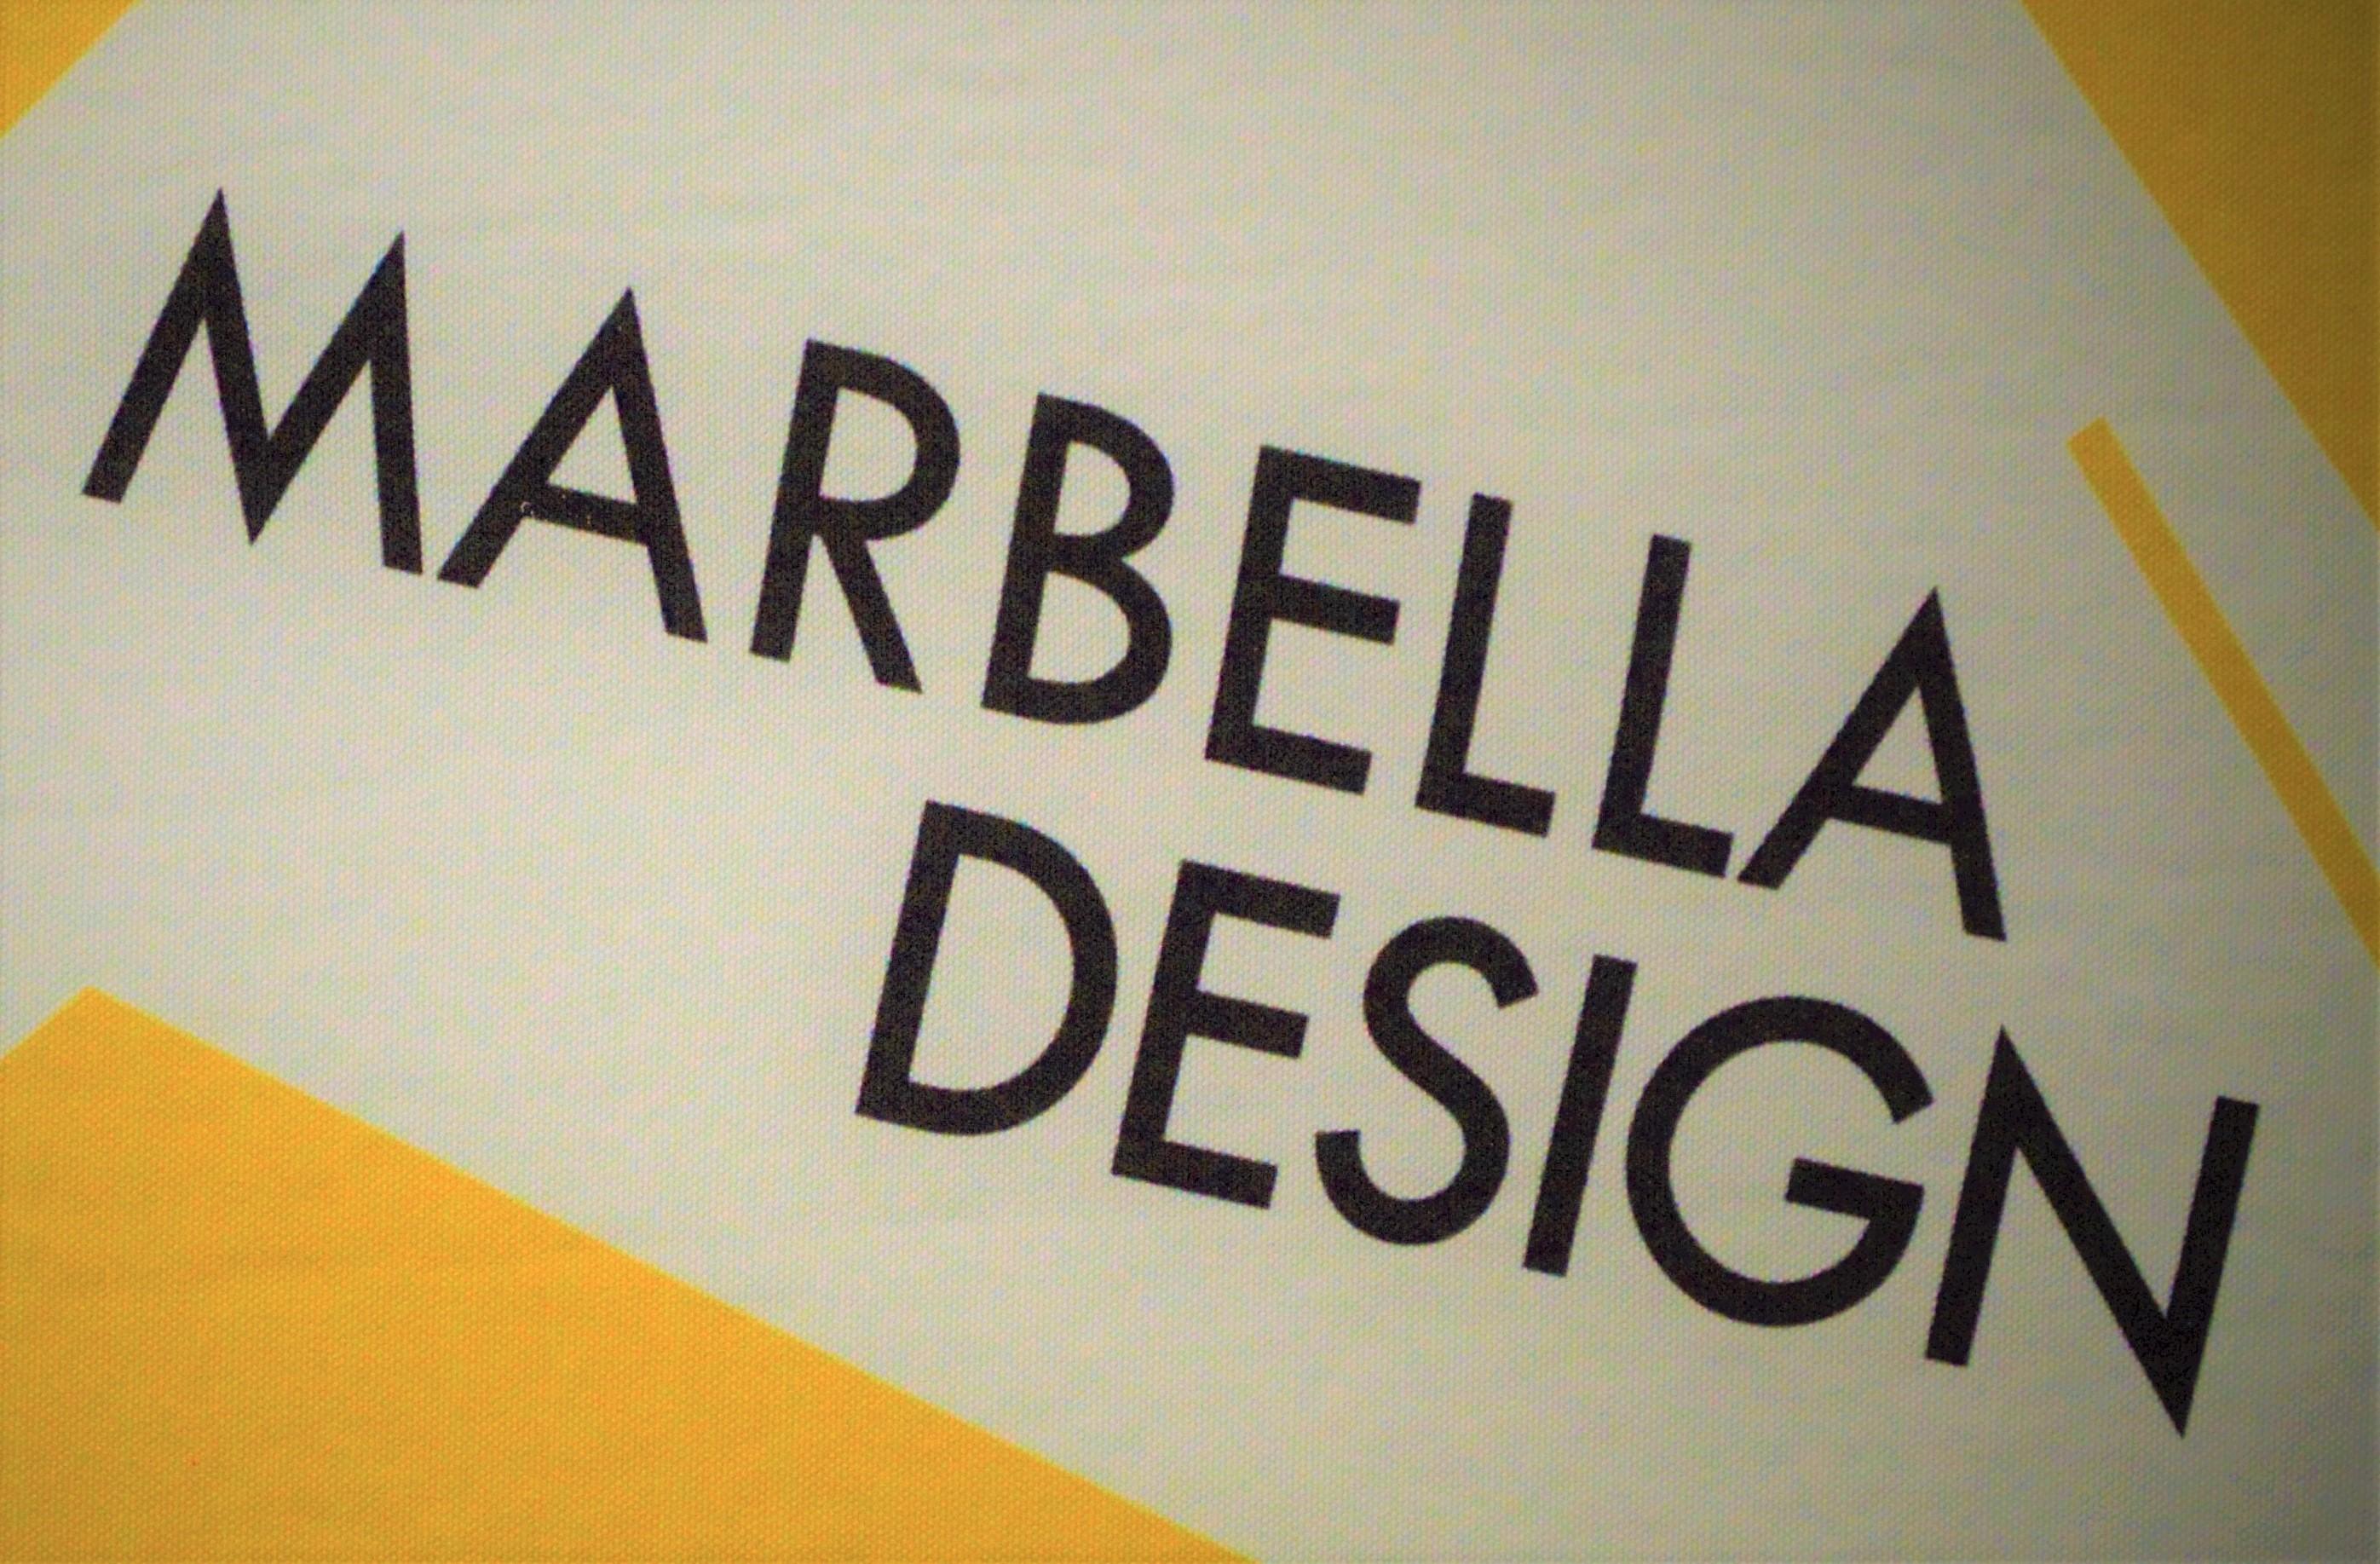 DEcoración corporativa y visual merchandiser